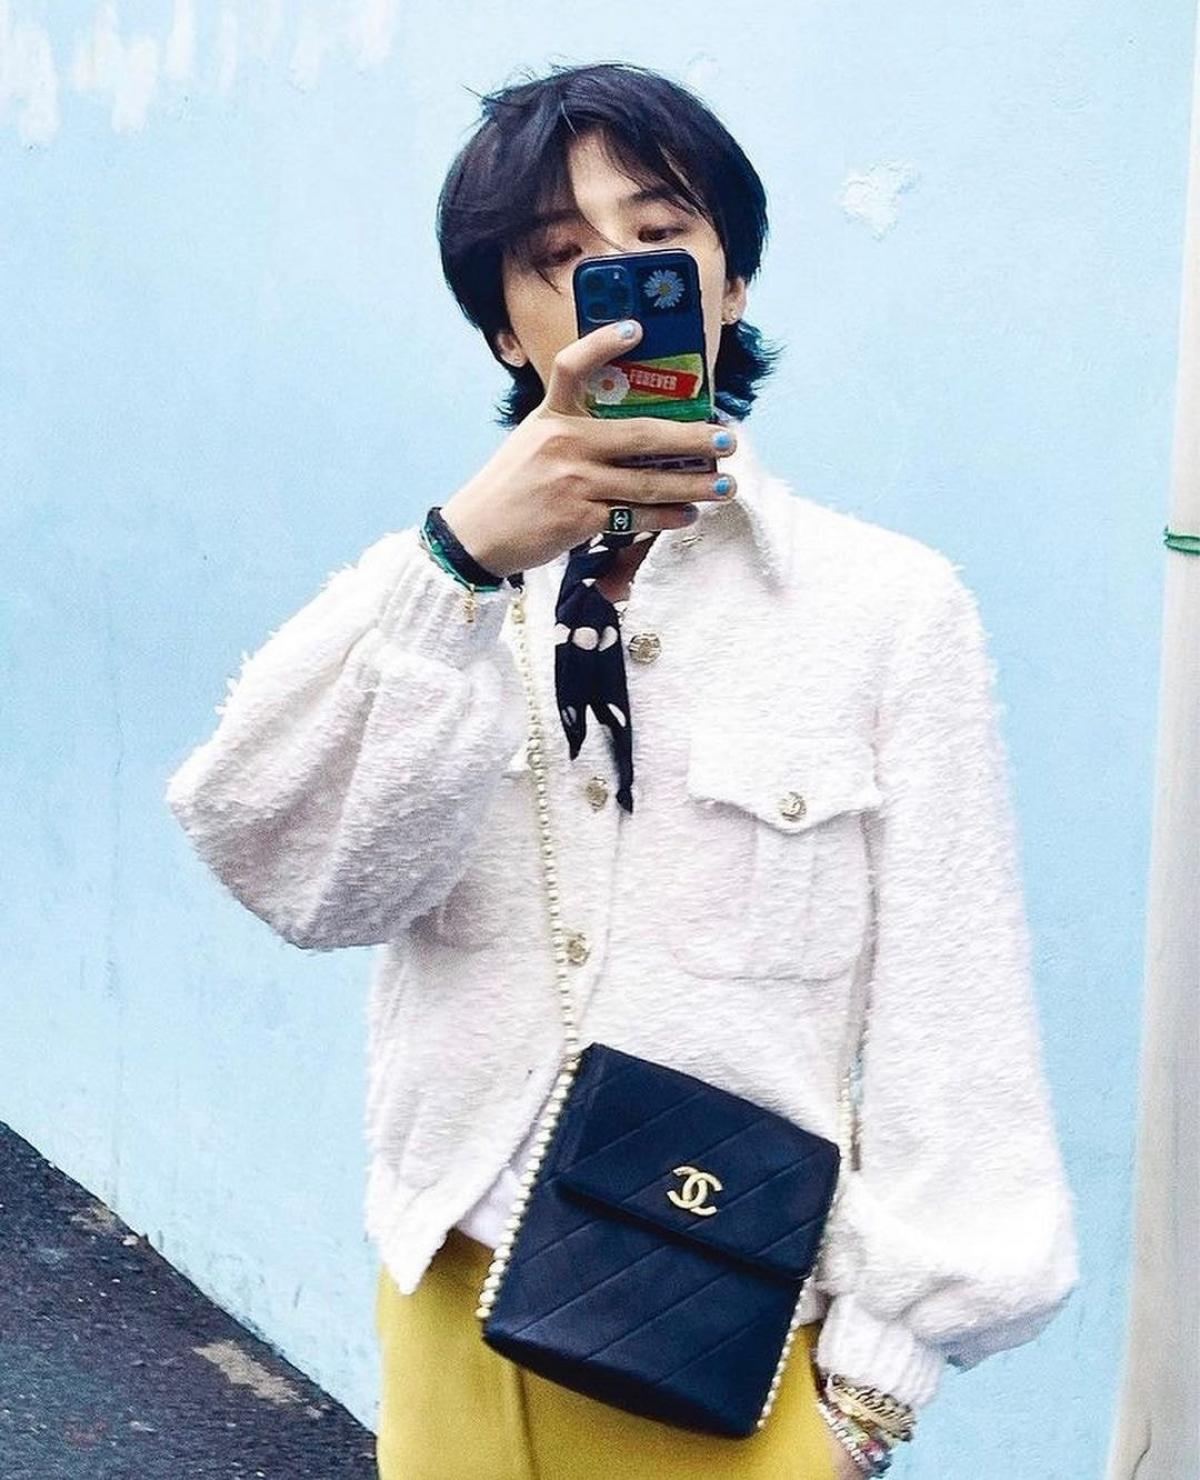 G-Dragon khẳng định đẳng cấp 'Ông hoàng thời trang' với 8 trang bìa tạp chí - Ảnh 2.